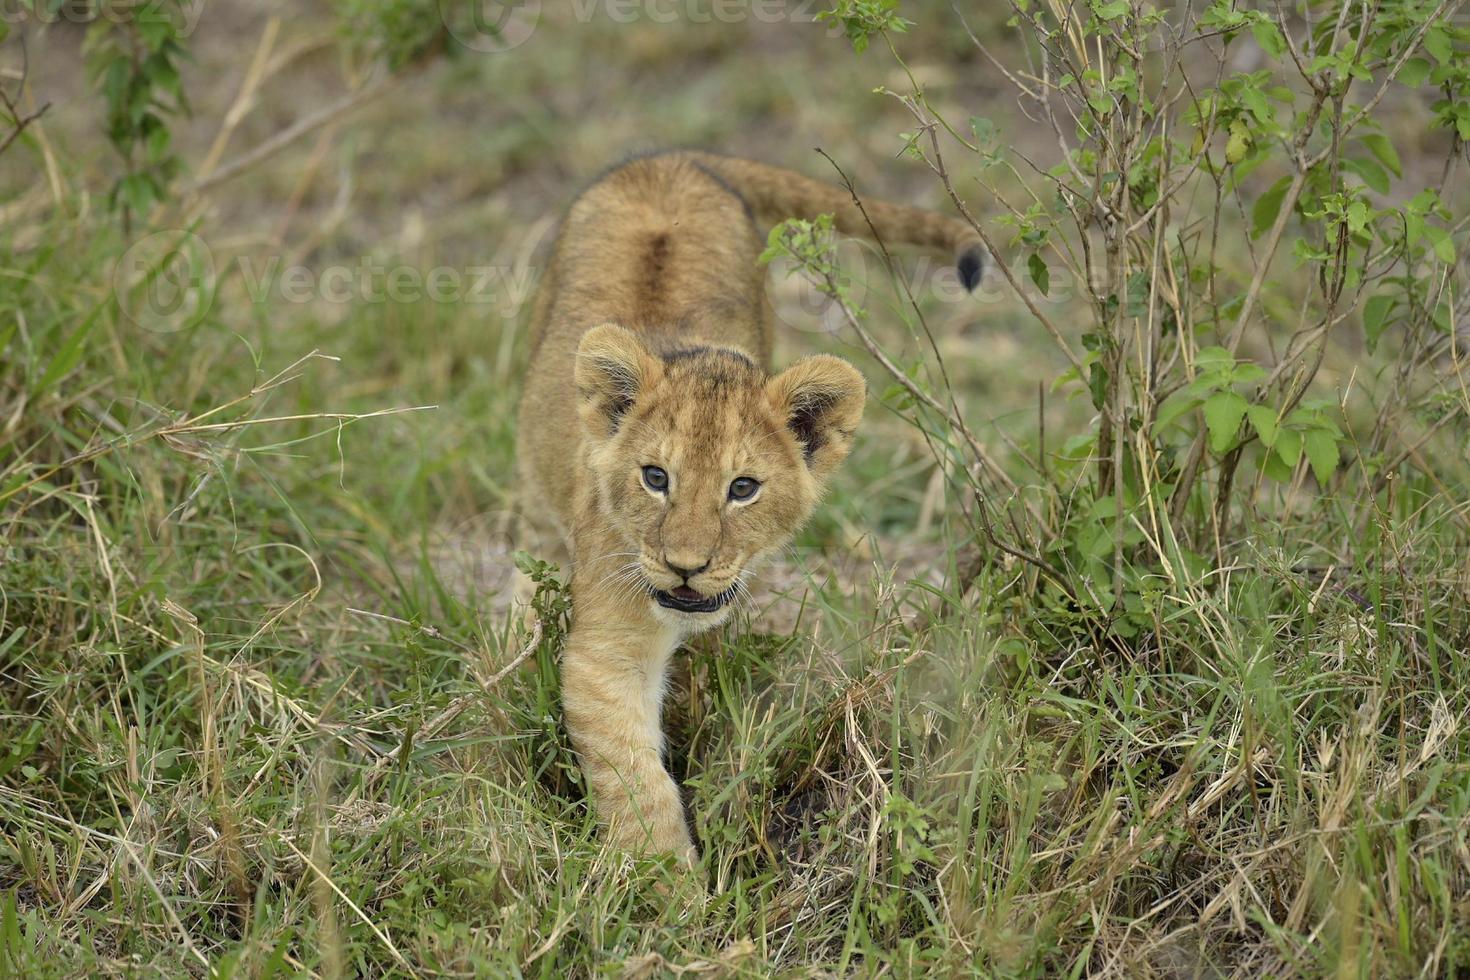 leões brincalhão foto